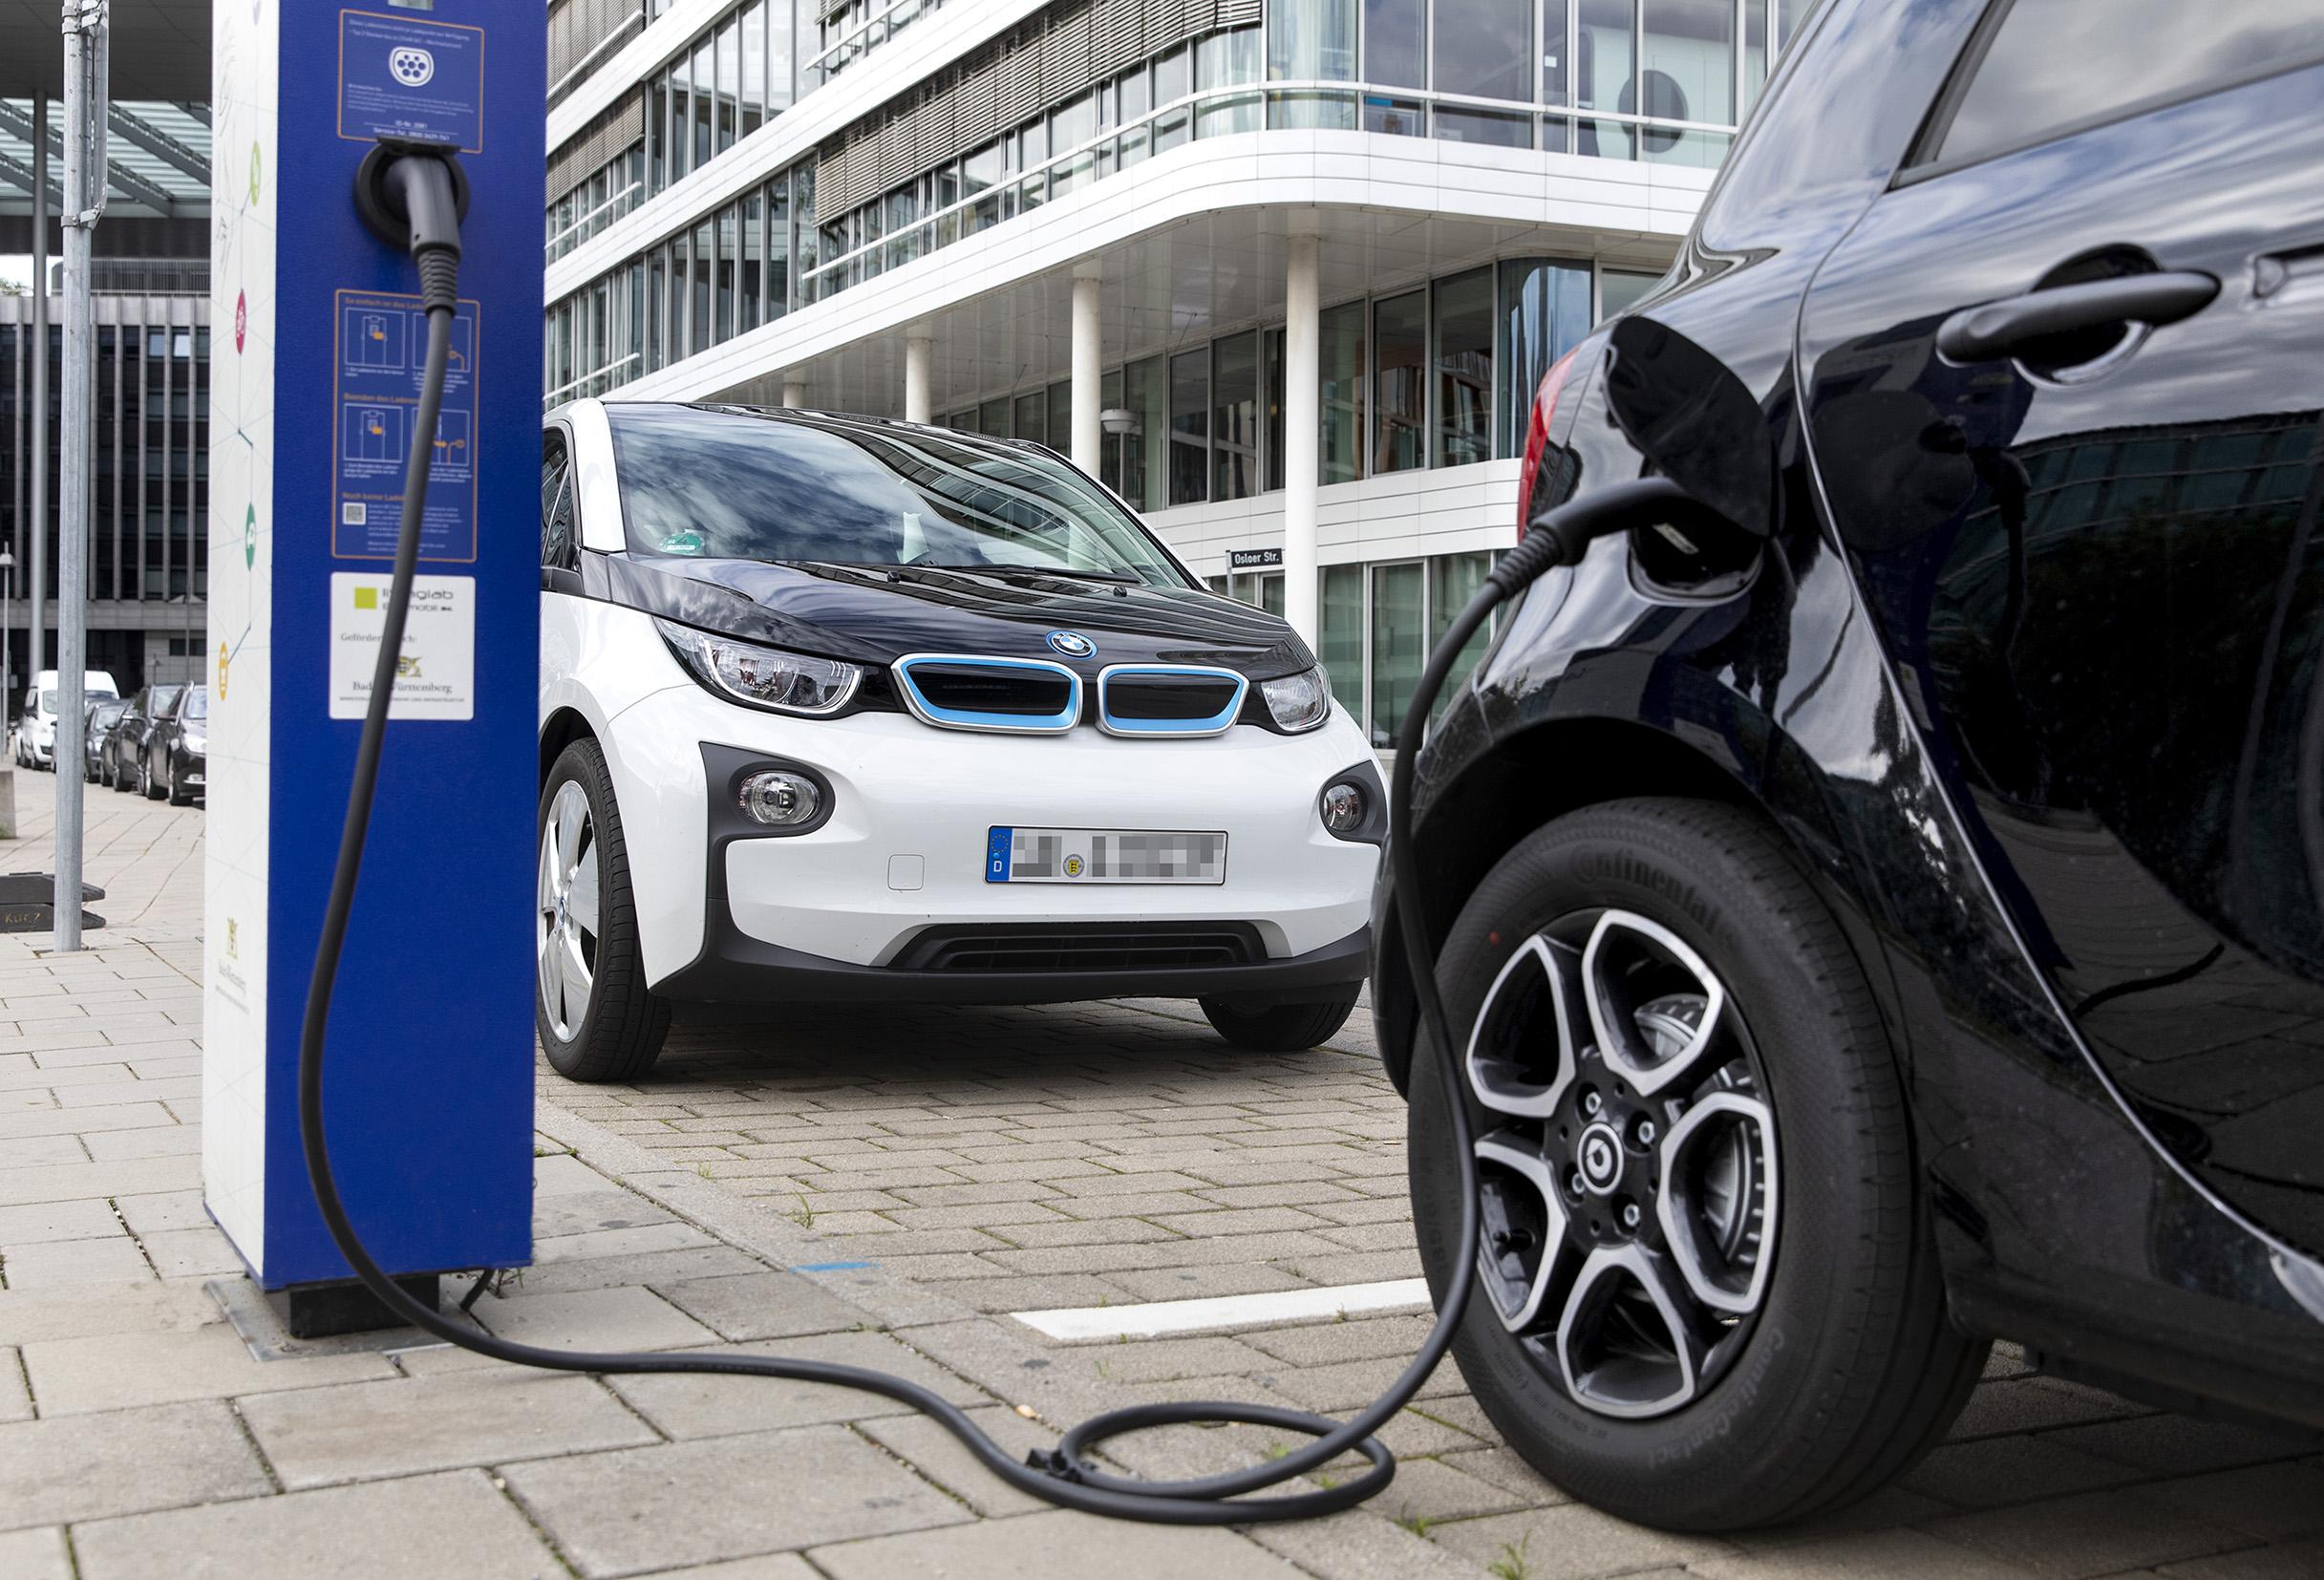 Bosch propojuje baterie z elektromobilů s cloudem a výrazně zlepšuje výkon a životnost těchto baterií.